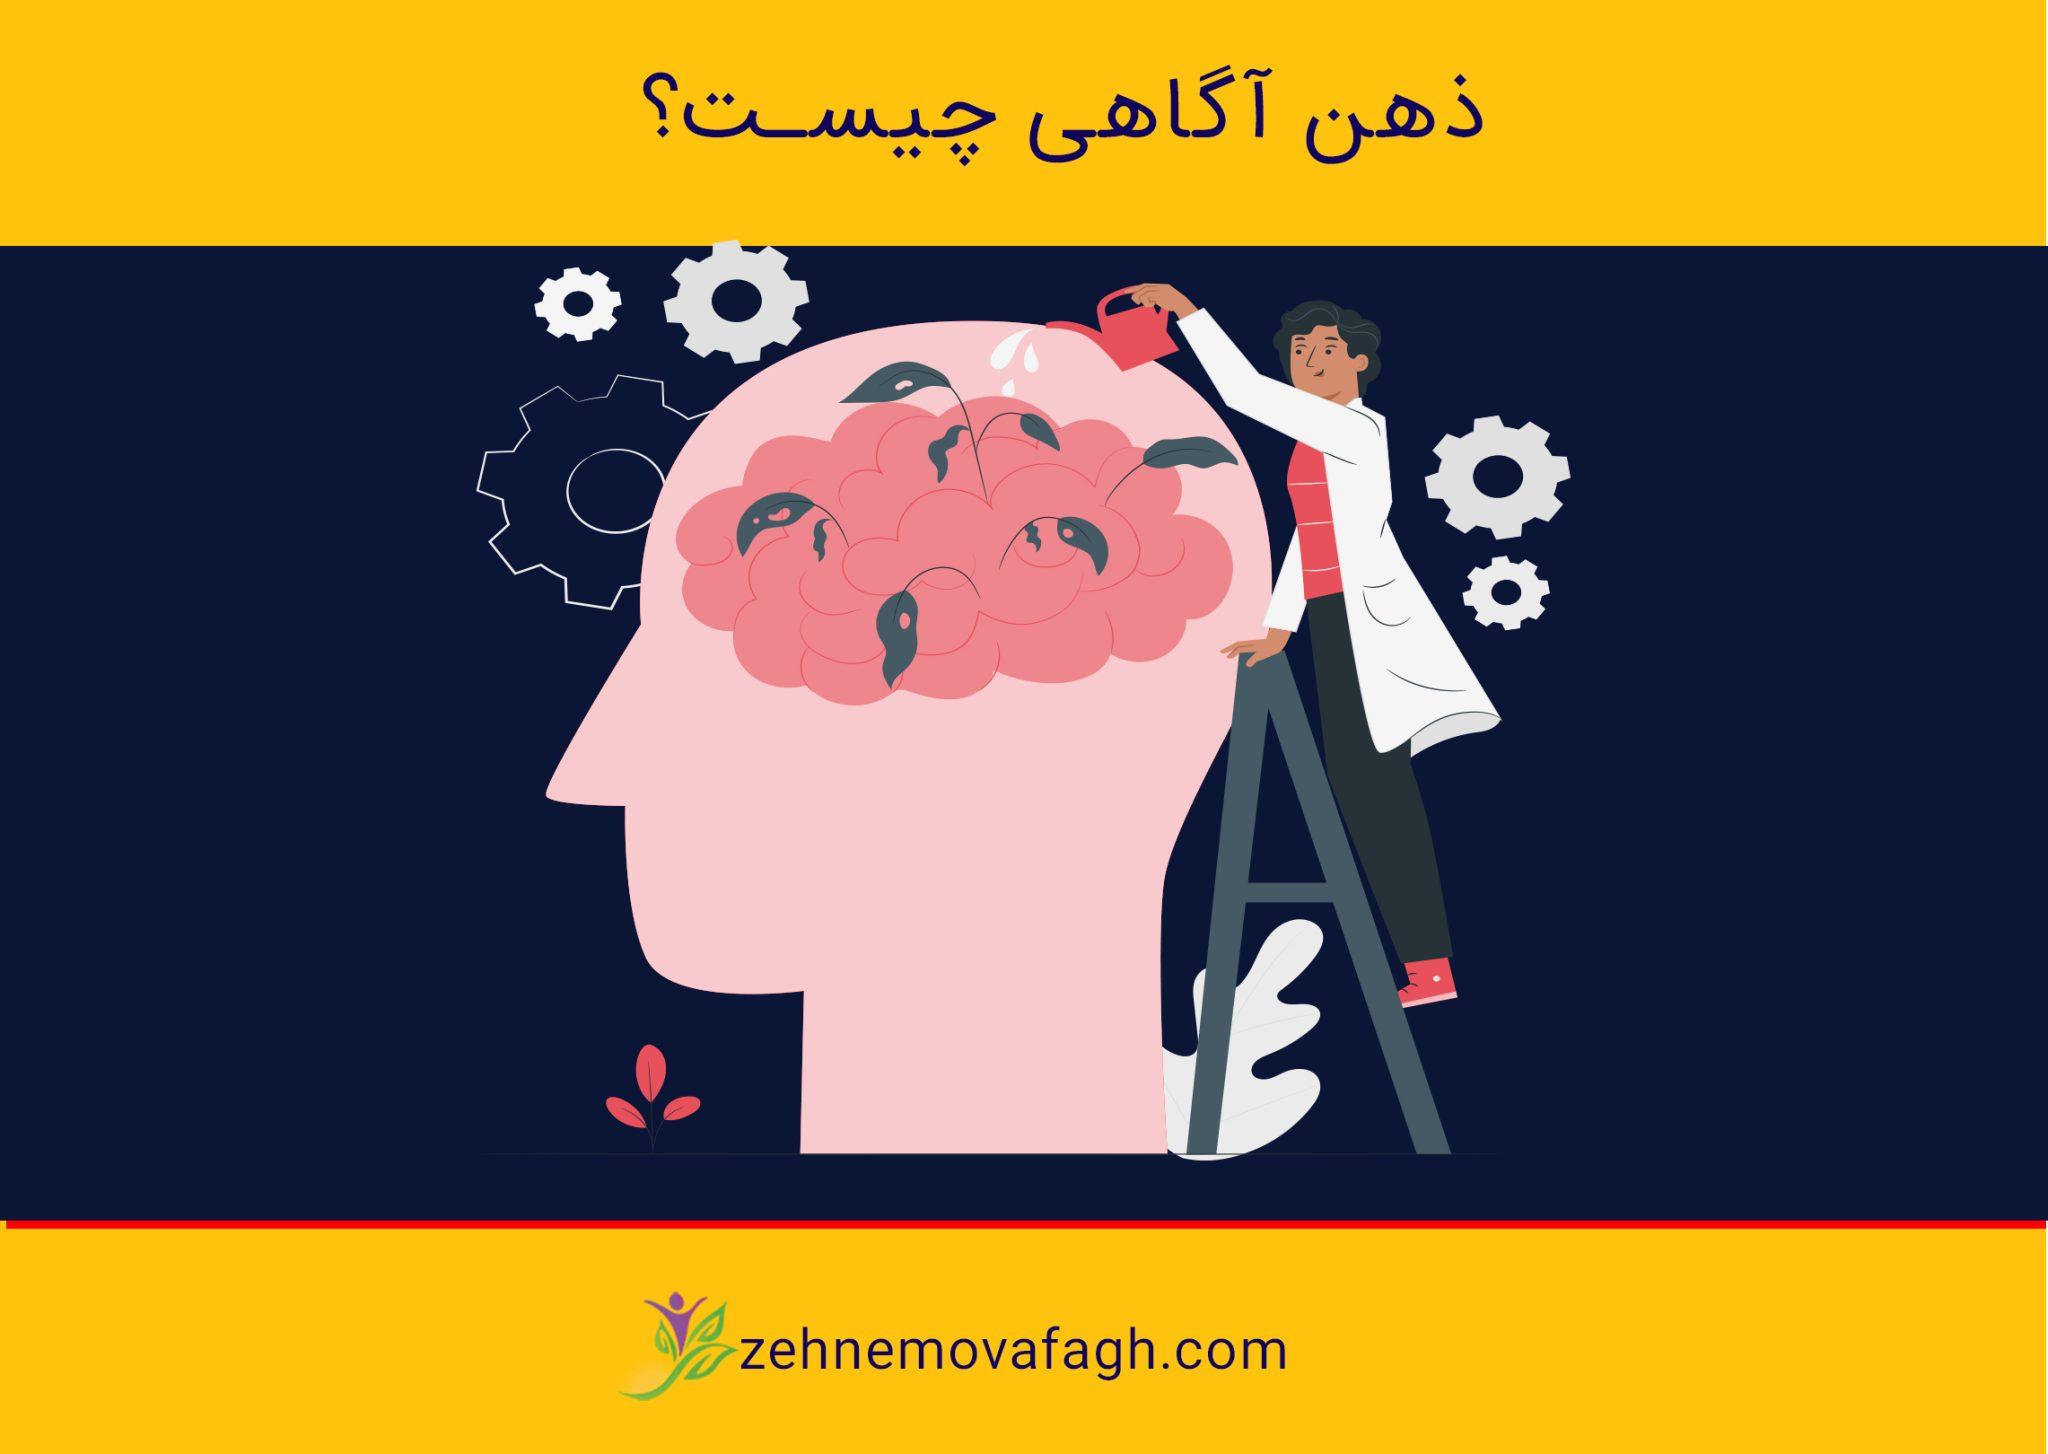 افزایش عزت نفس با (ذهن آگاهی)